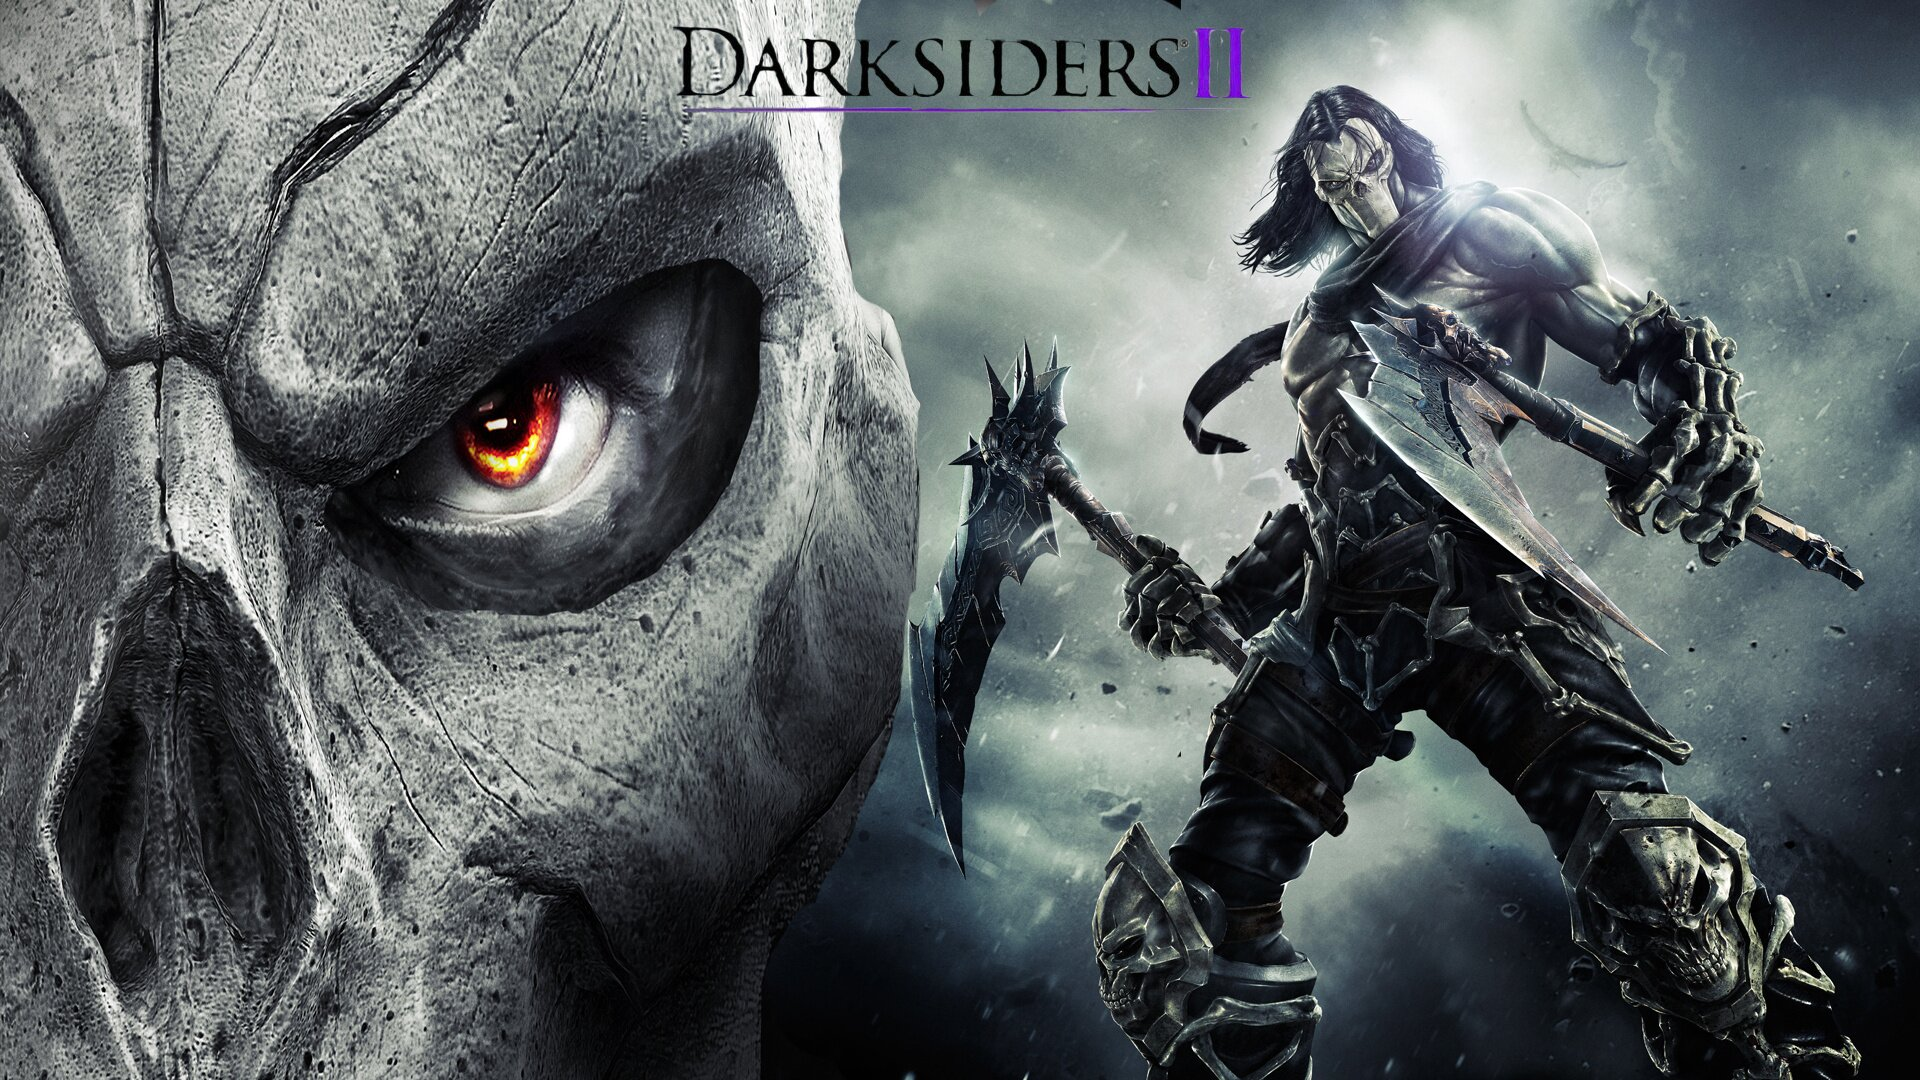 ç?kam ? Definitive Edition ? oyunlar?n?n içine Darksiders 2